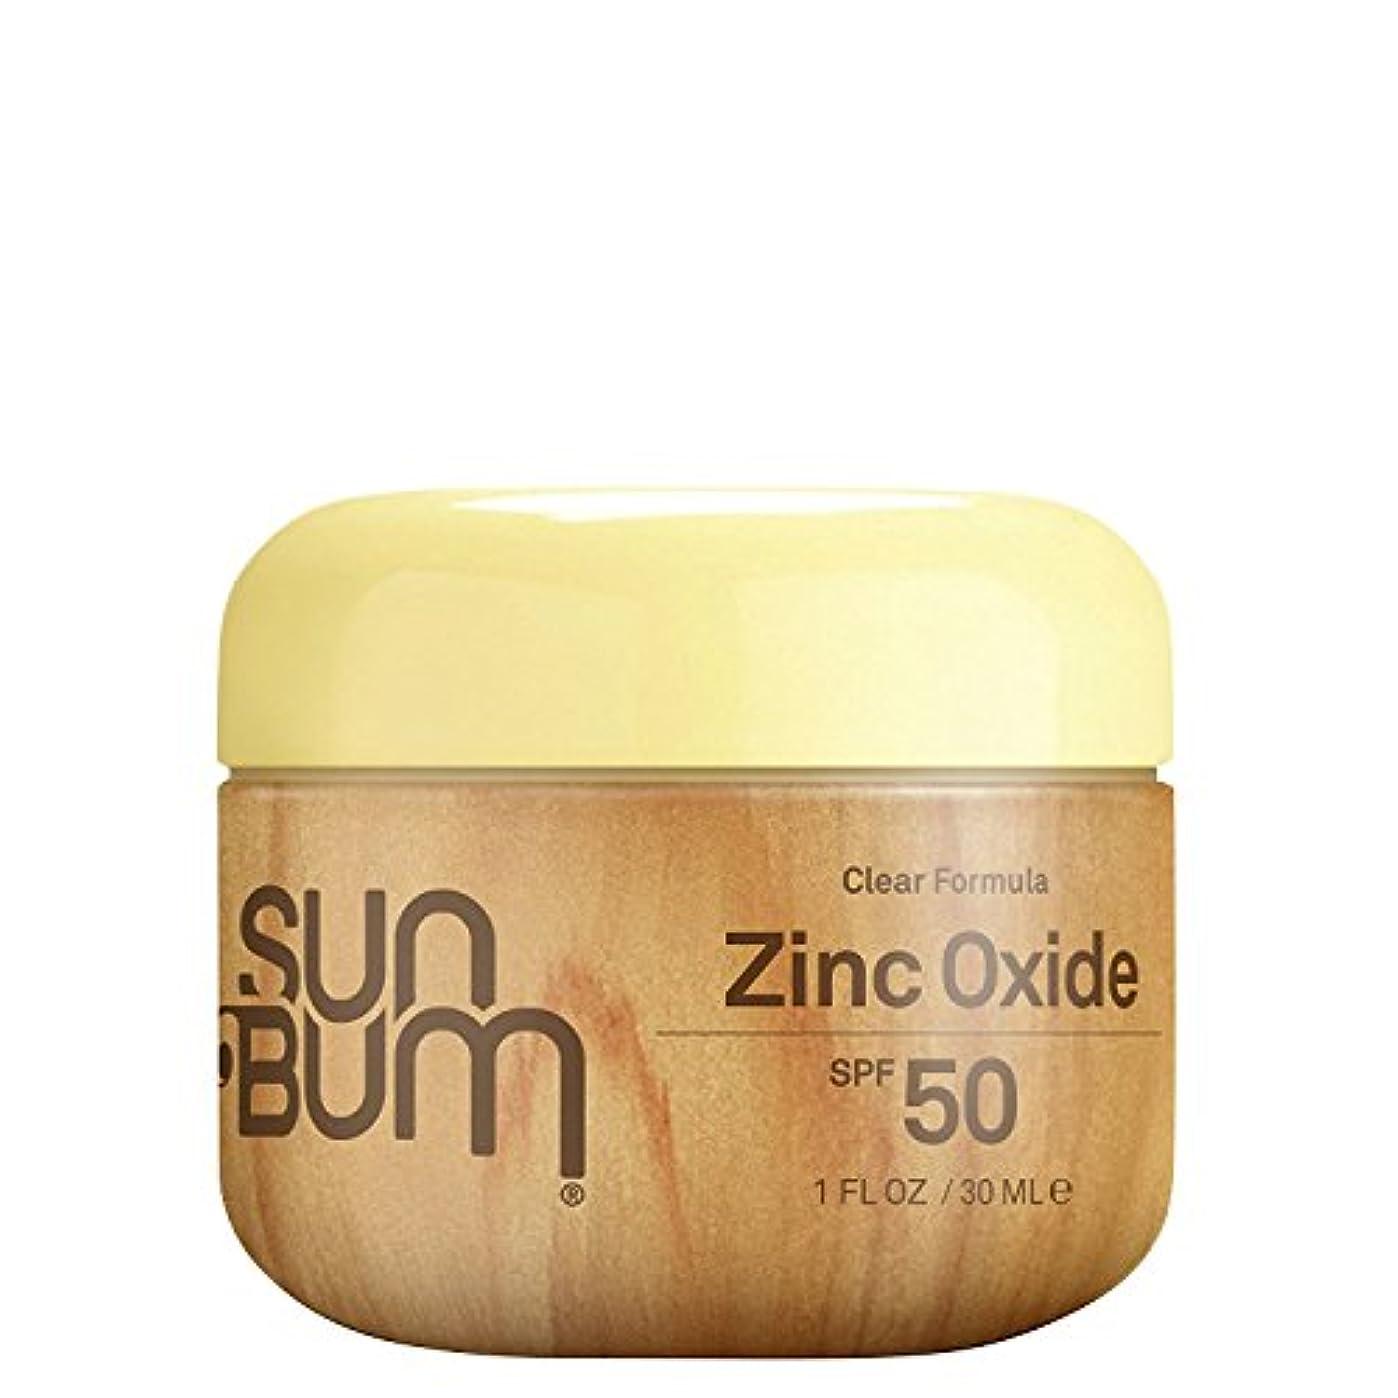 噴出するベアリング関係Sun Bum SPF 50 vxfqbサンスクリーンクリア酸化亜鉛ローション、1オンス4パック